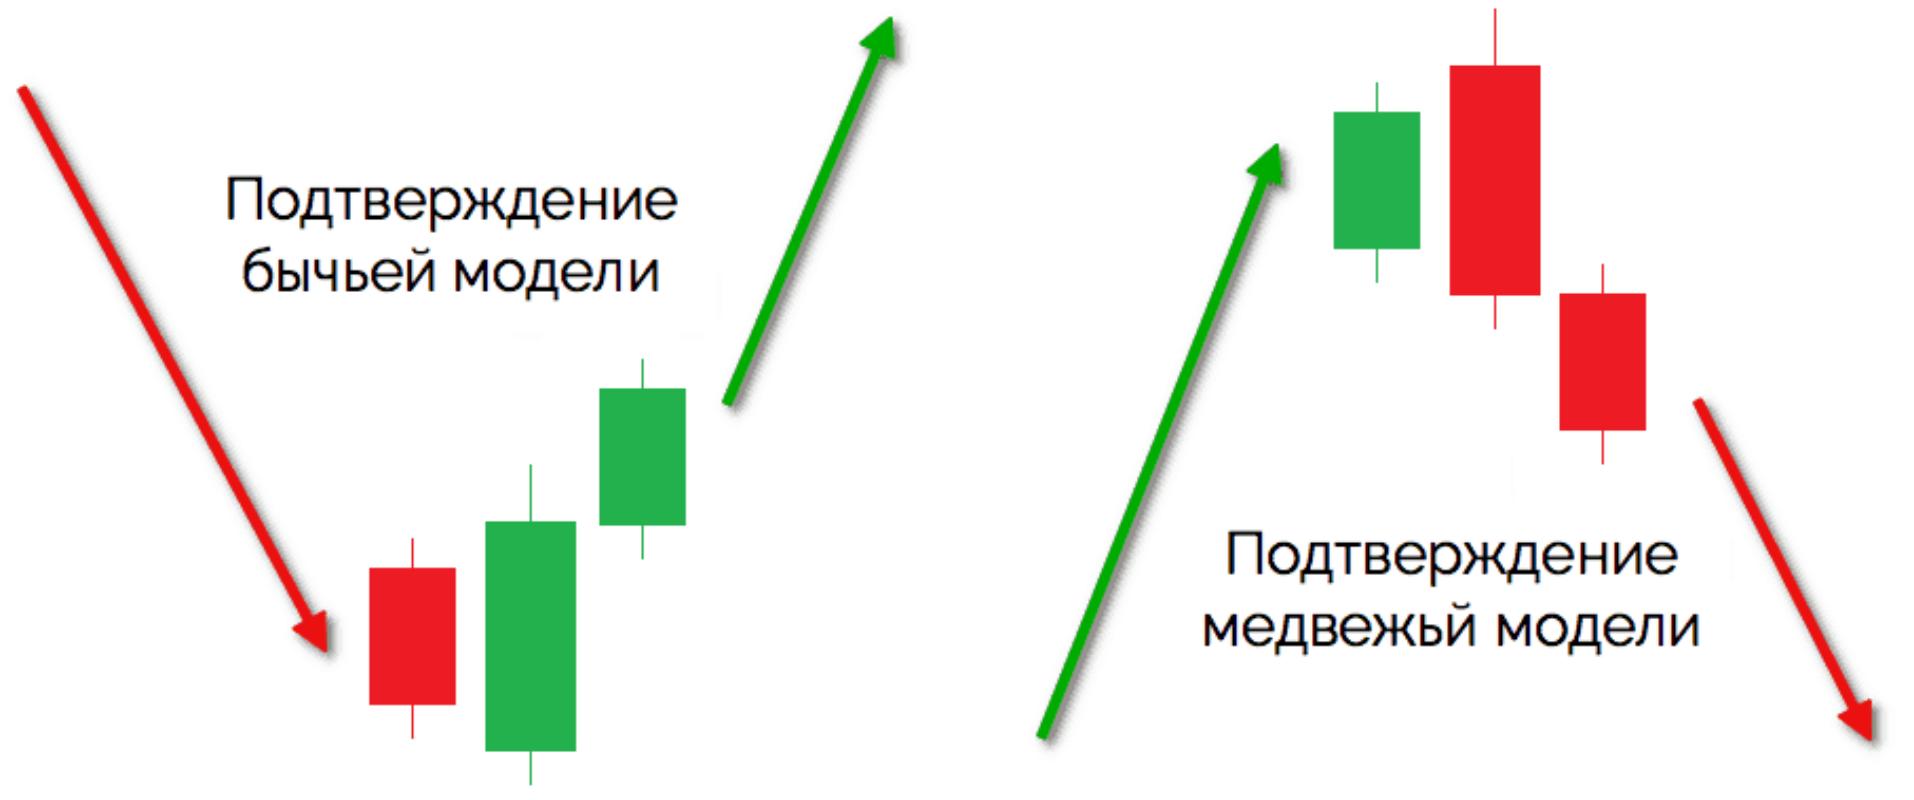 """Стратегия """"бычья"""" модель поглощения, ее отличия от """"медвежьей"""""""